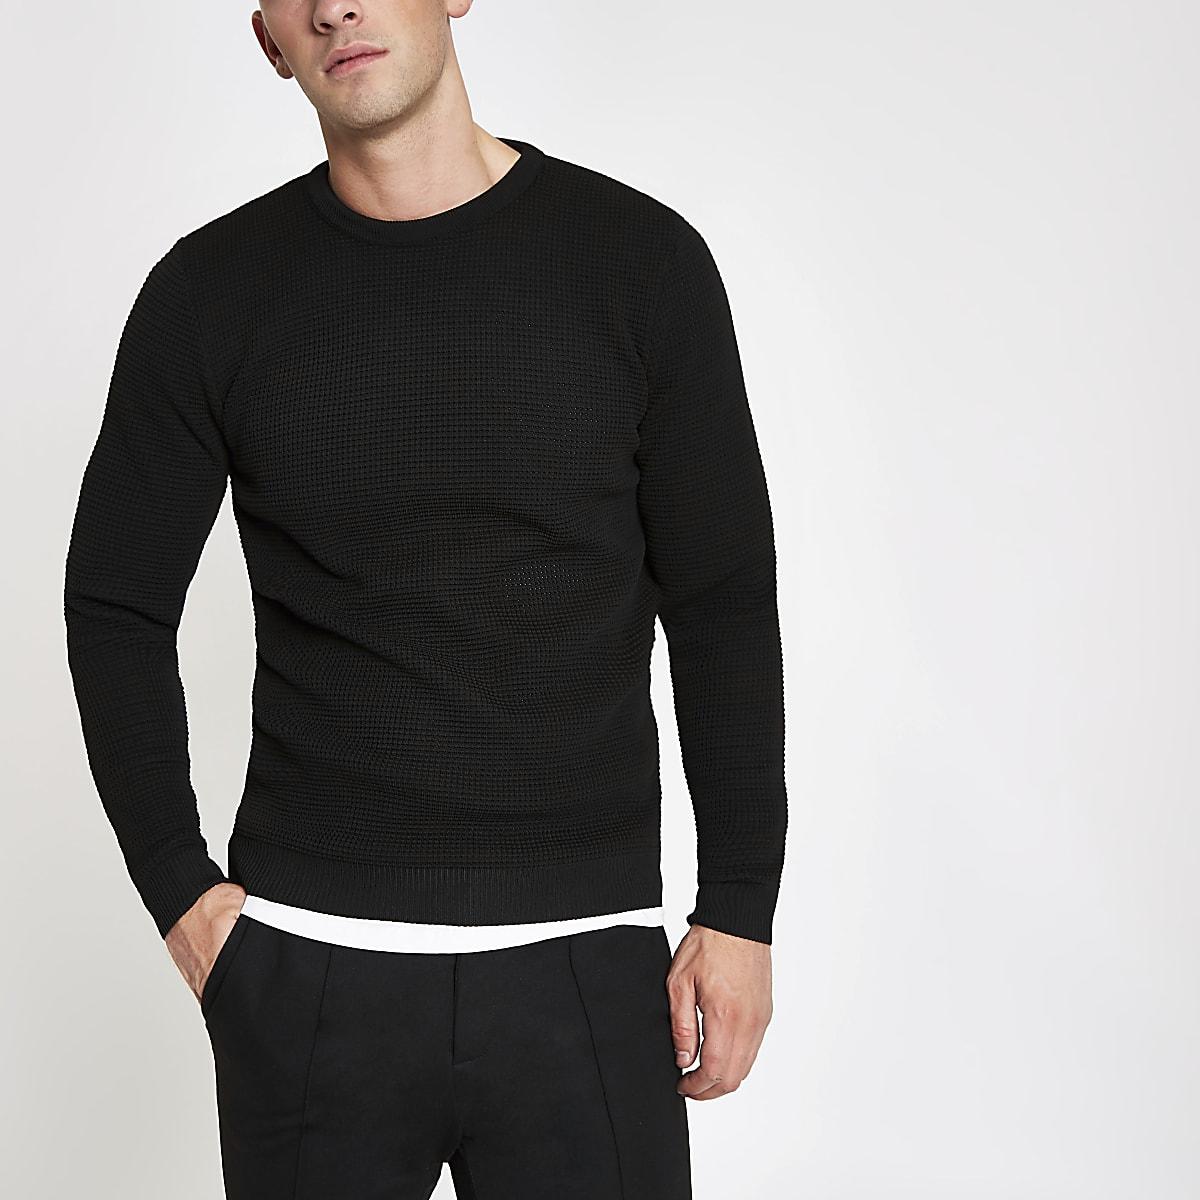 Schwarzer, strukturierter Slim Fit Strickpullover